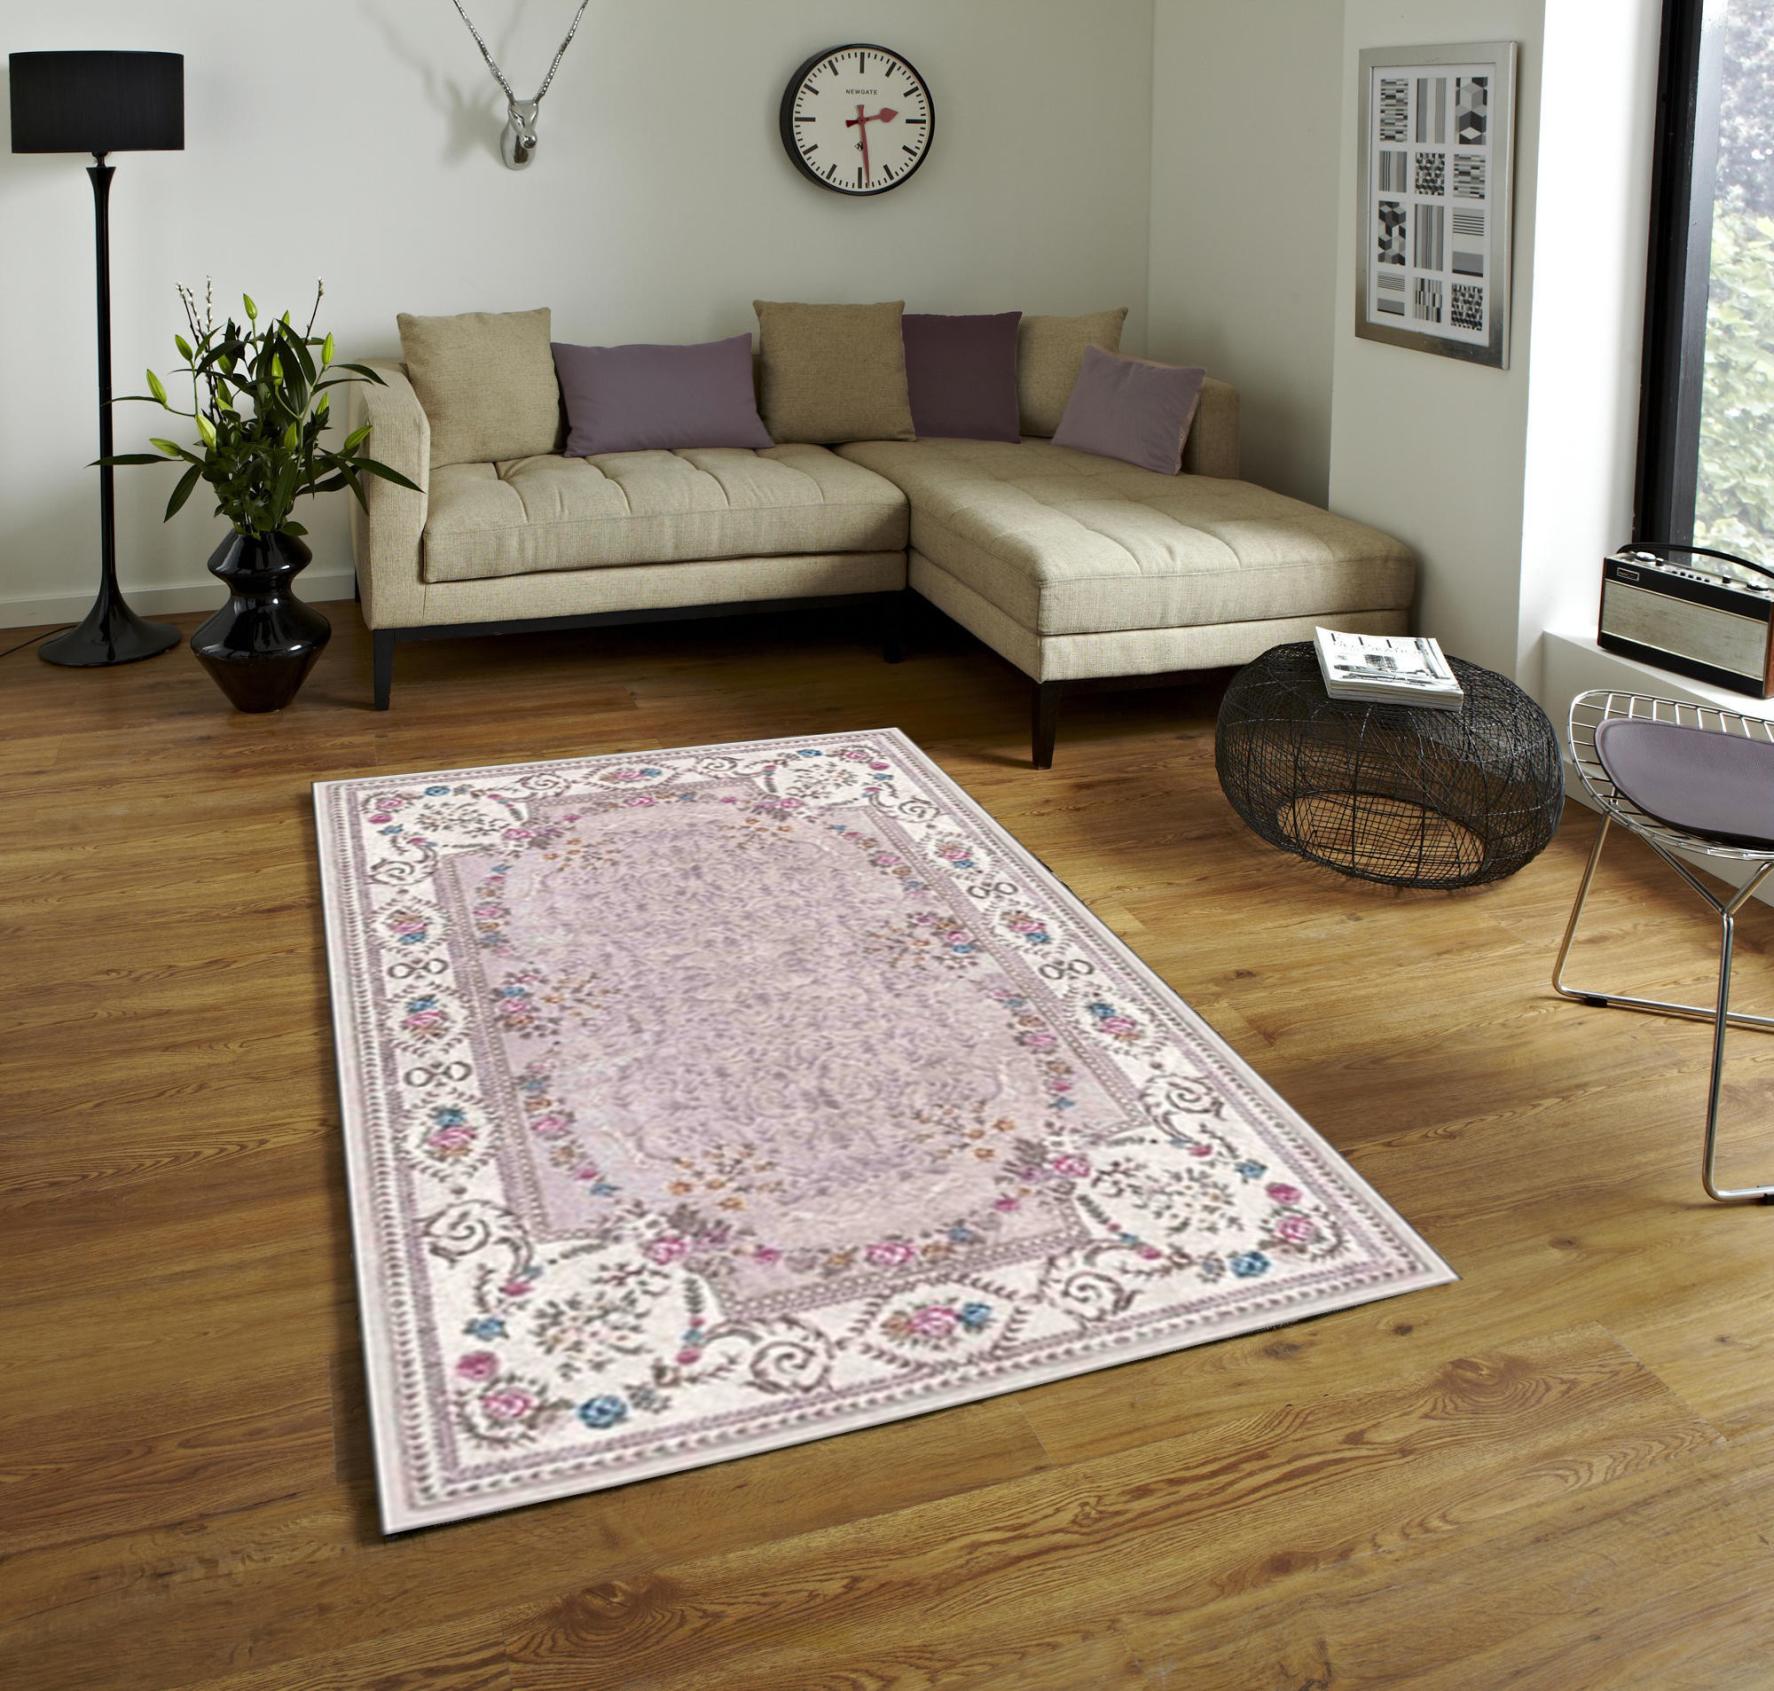 Vintage möbel weiss rosa  DecoPoint - Möbel in Troisdorf - sunshine dinarsu hell weiß teppich ...